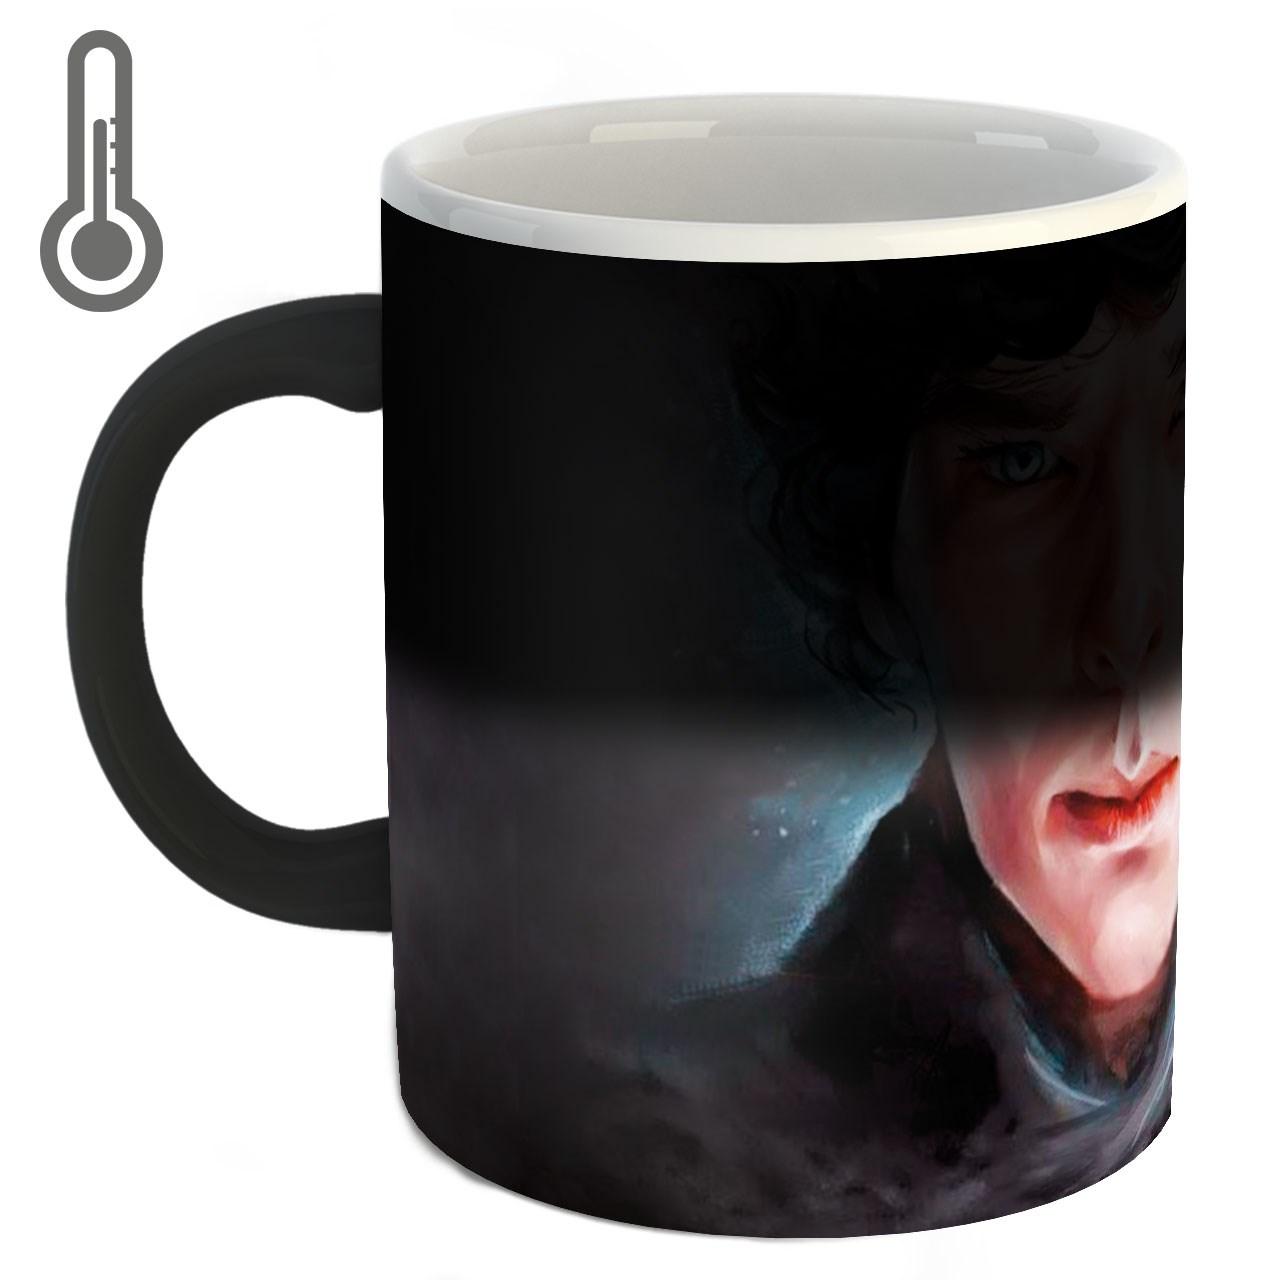 ماگ حرارتی زیزیپ مدل شرلوک هولمز  292M